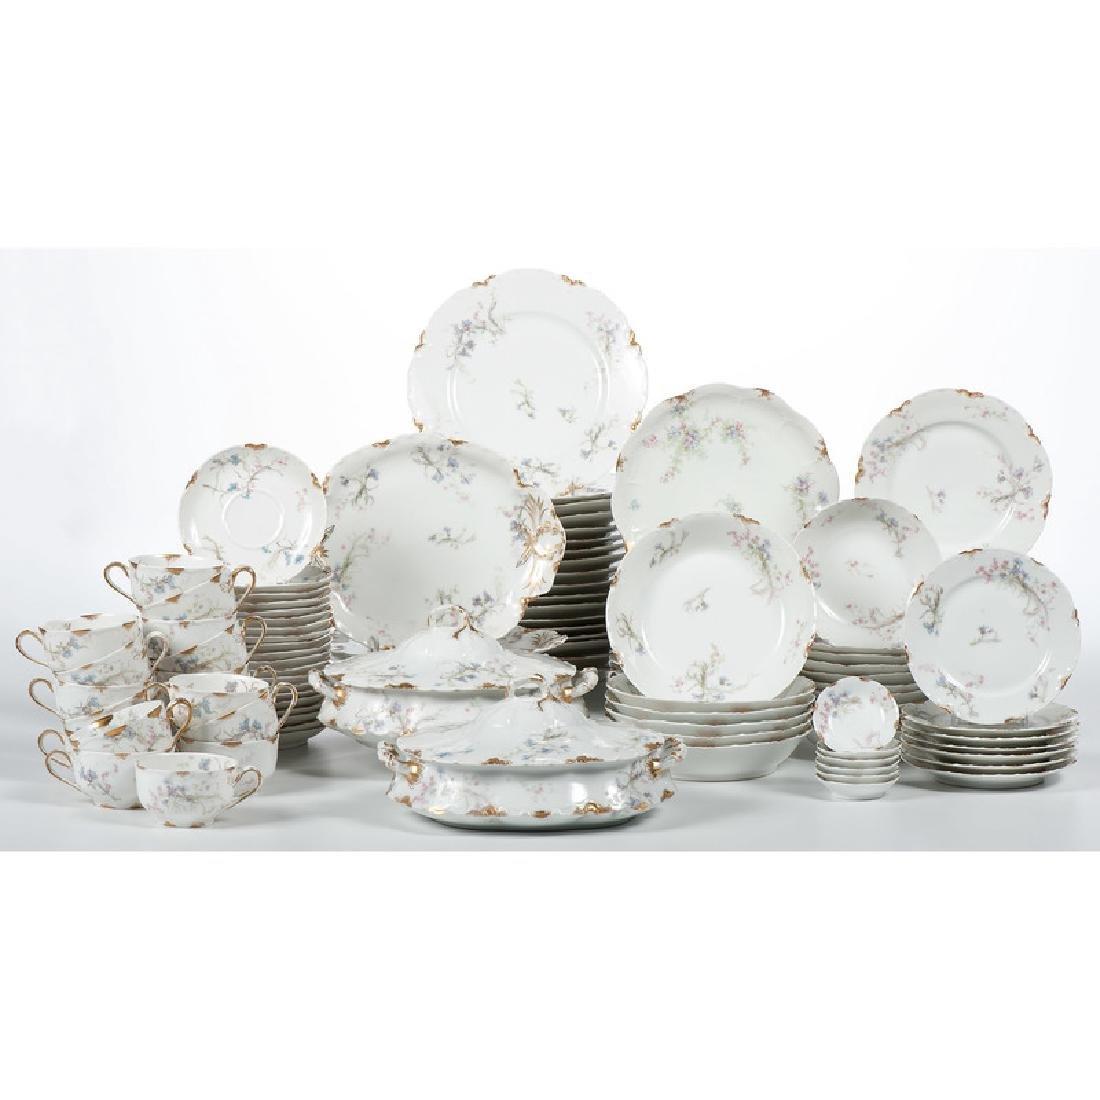 Haviland & Co. Limoges Porcelain Service - 2